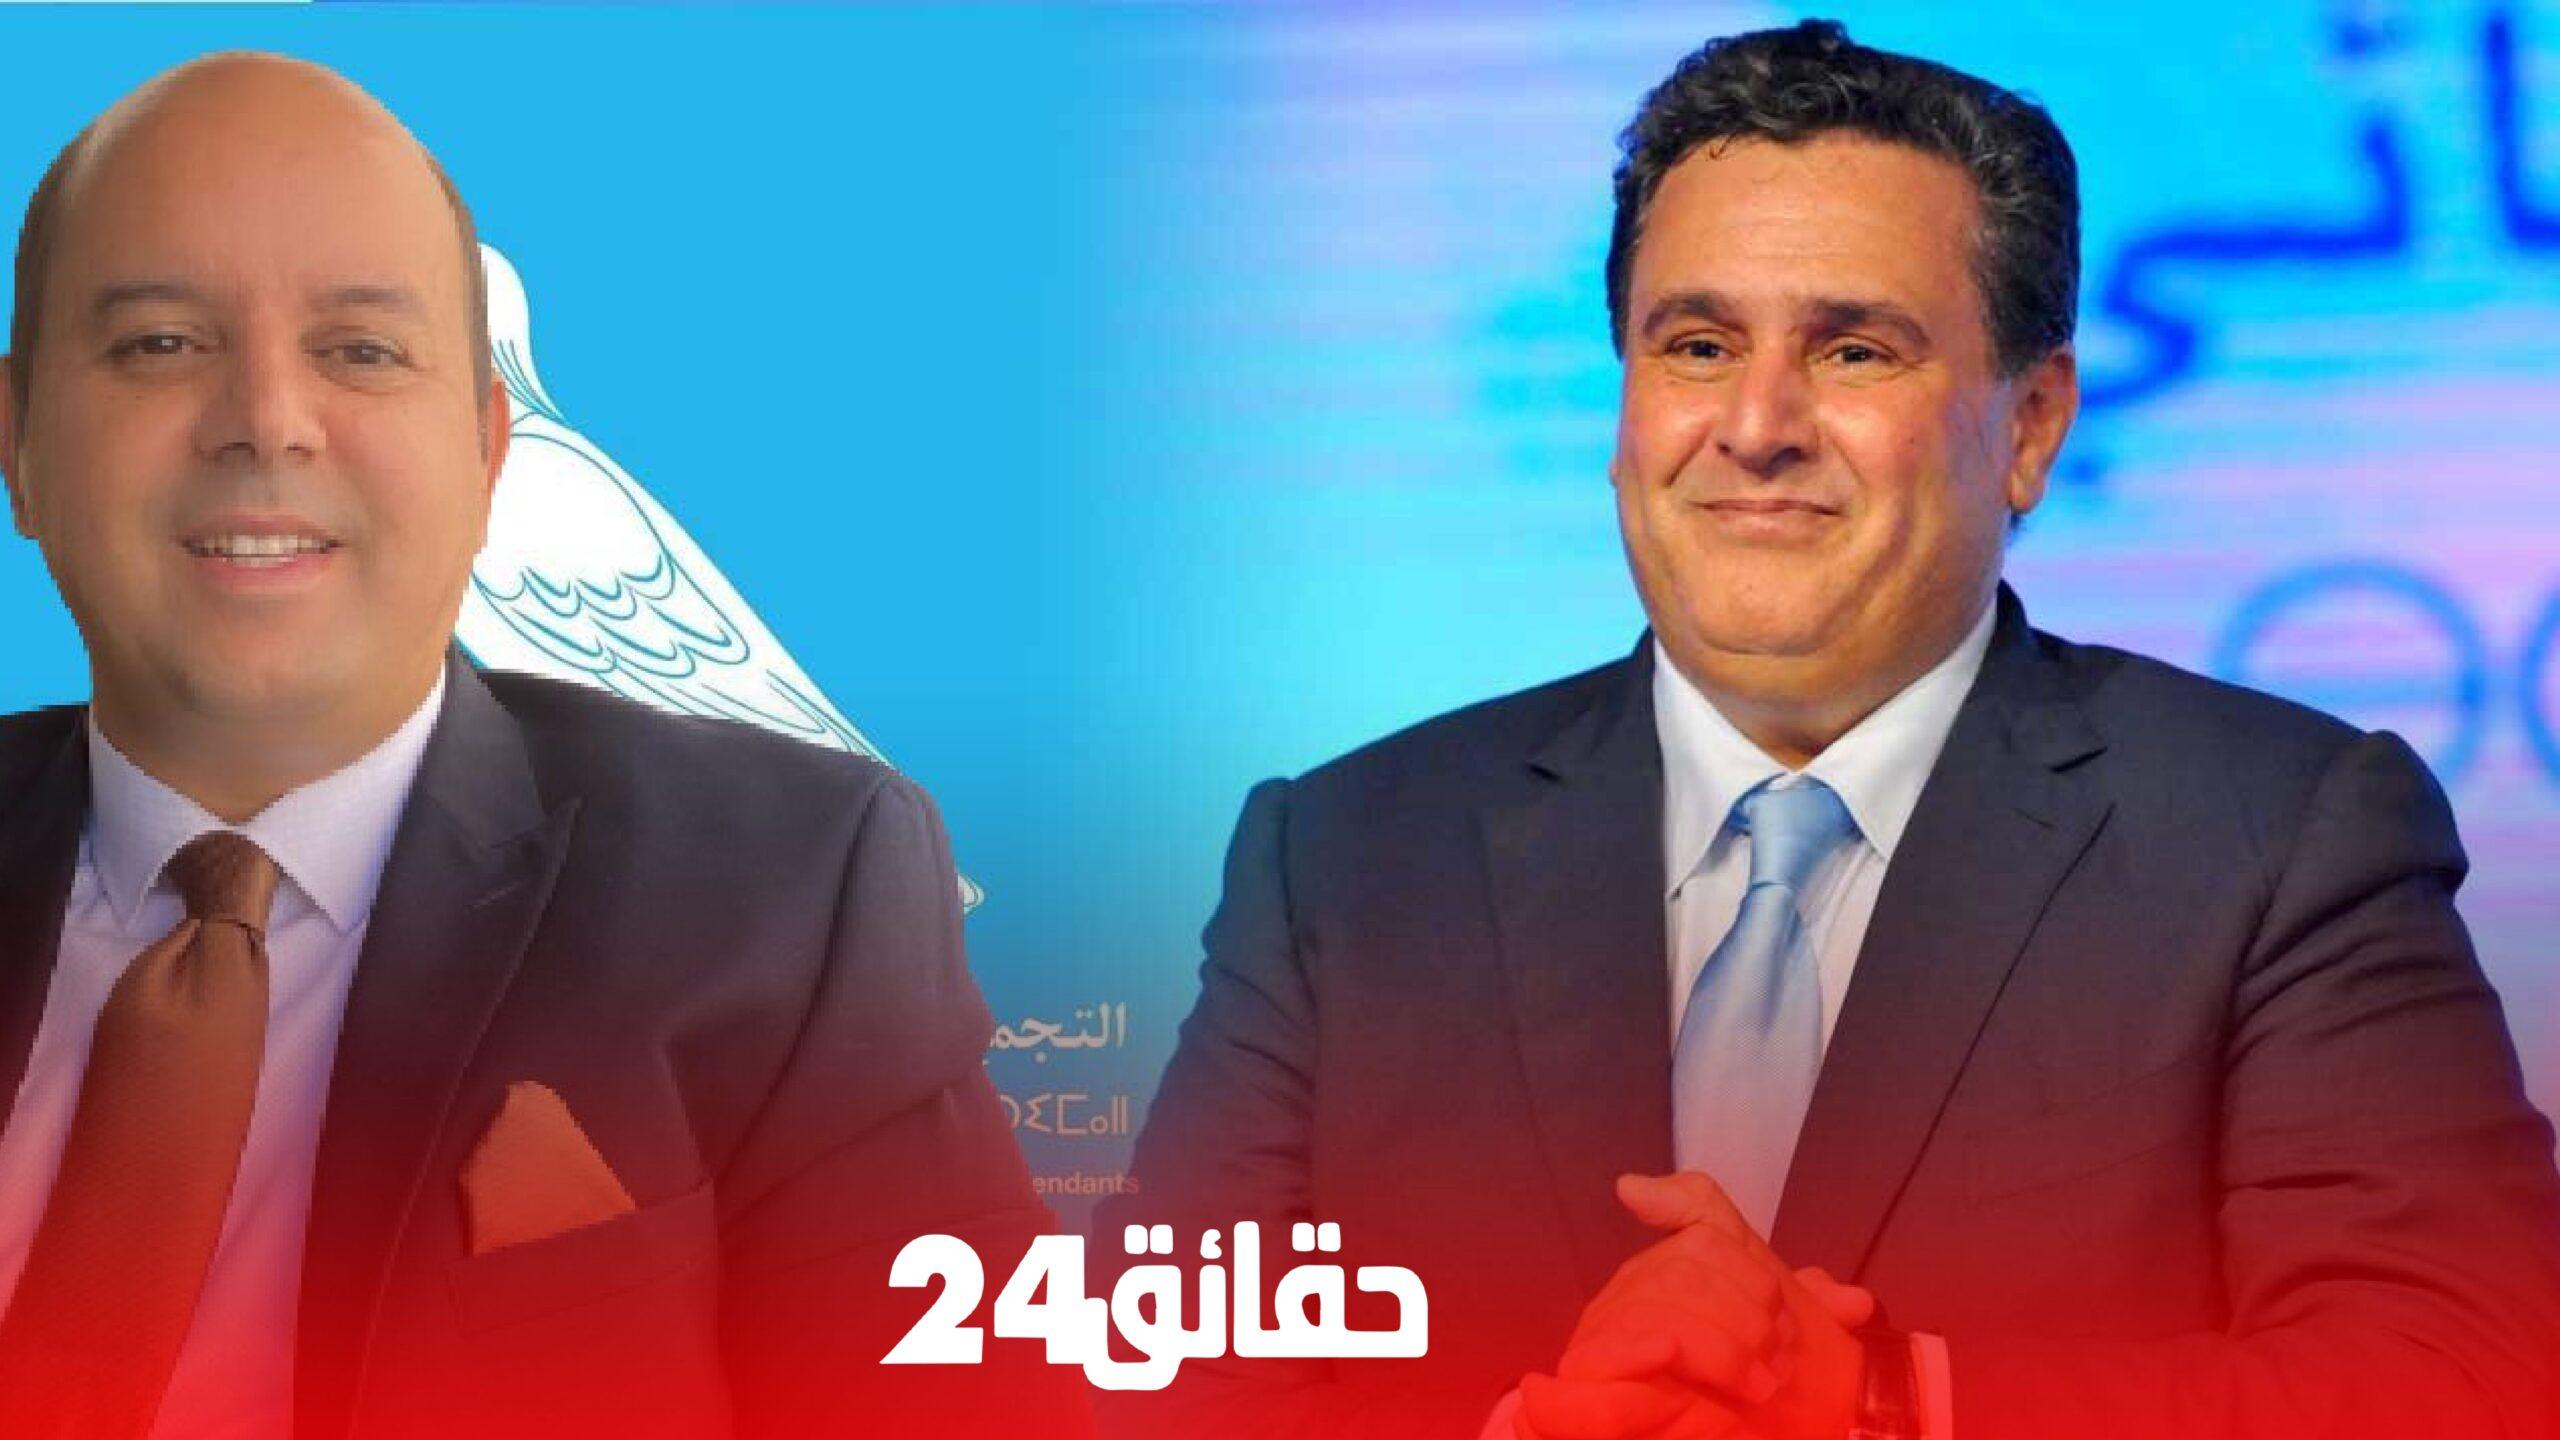 صورة حزب أخنوش يزكي رشيد المعيفي وكيل للائحة بإنزكان